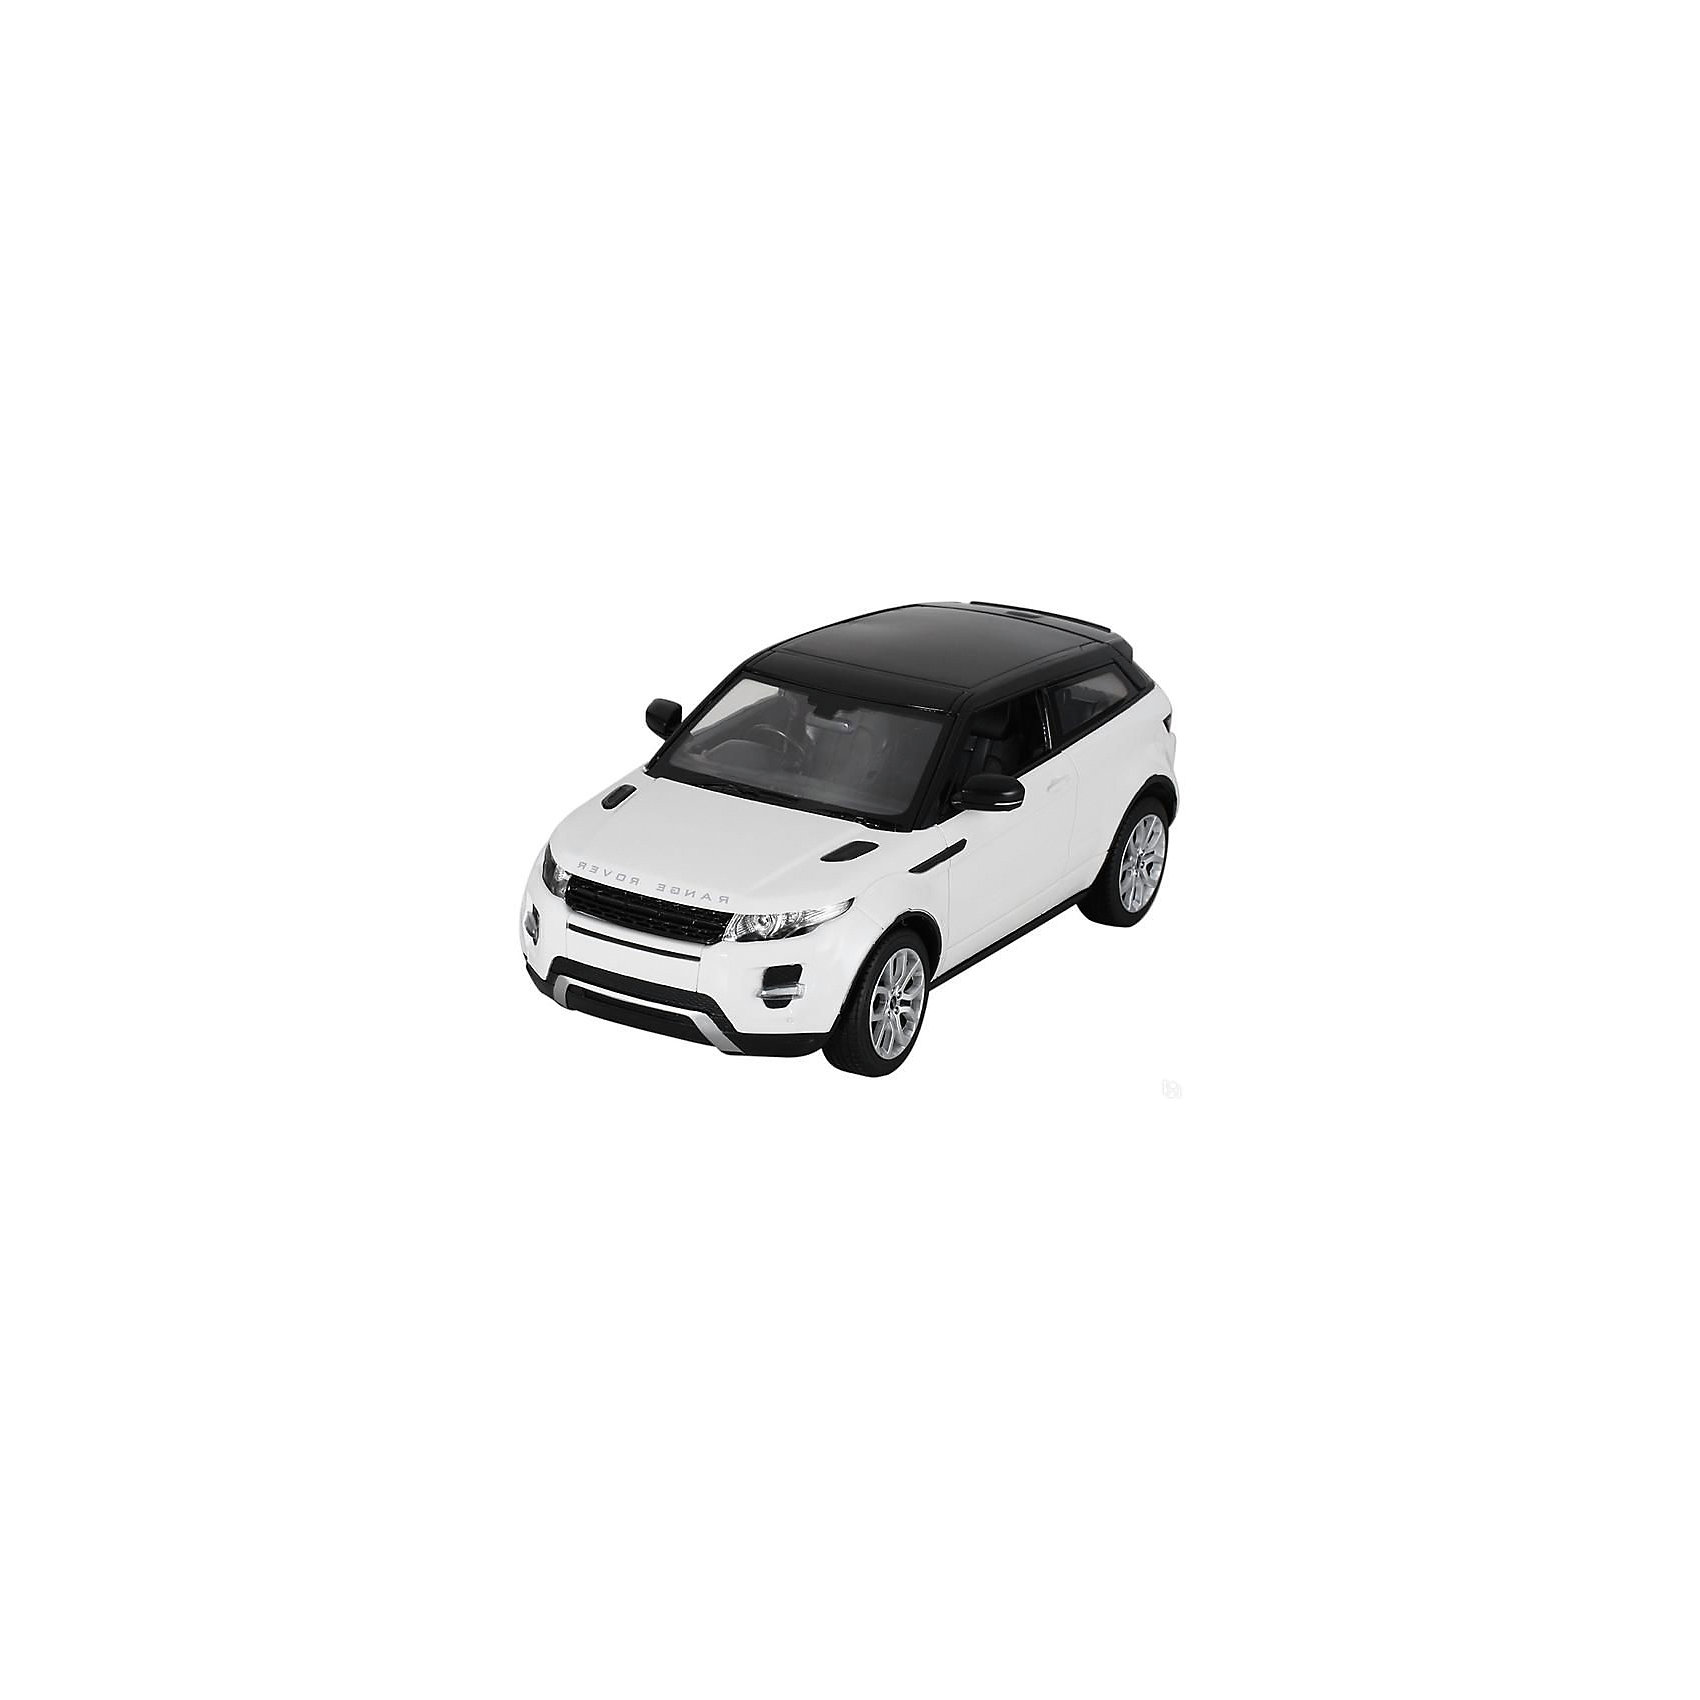 Машина RANGE ROVER EVOQUE, свет, на р/у, RASTAR, белый -